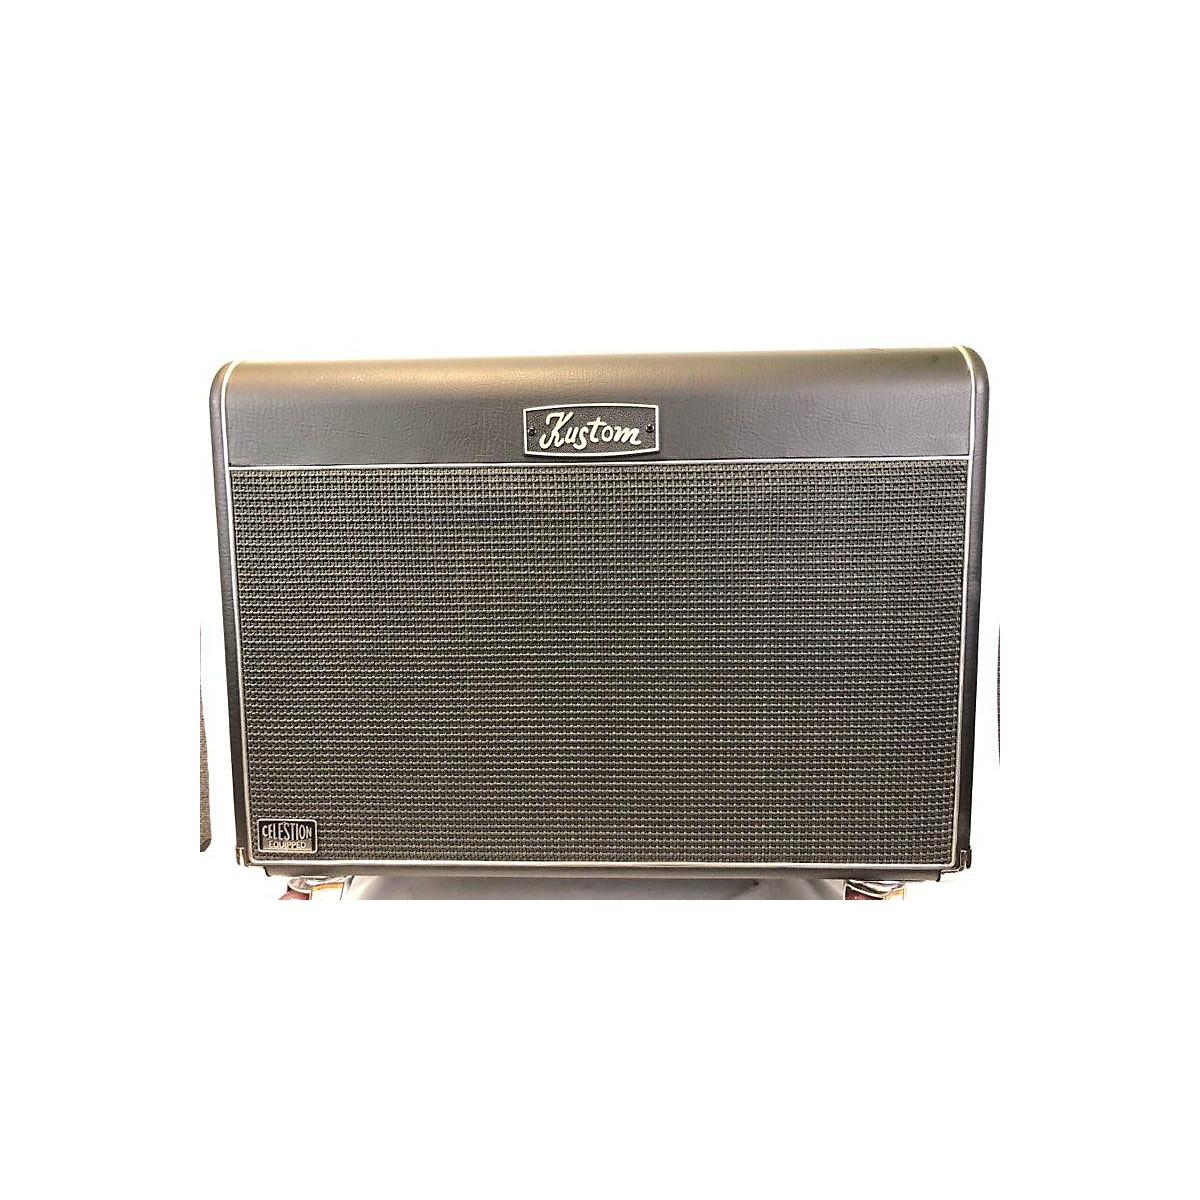 Kustom HV 100 Guitar Combo Amp